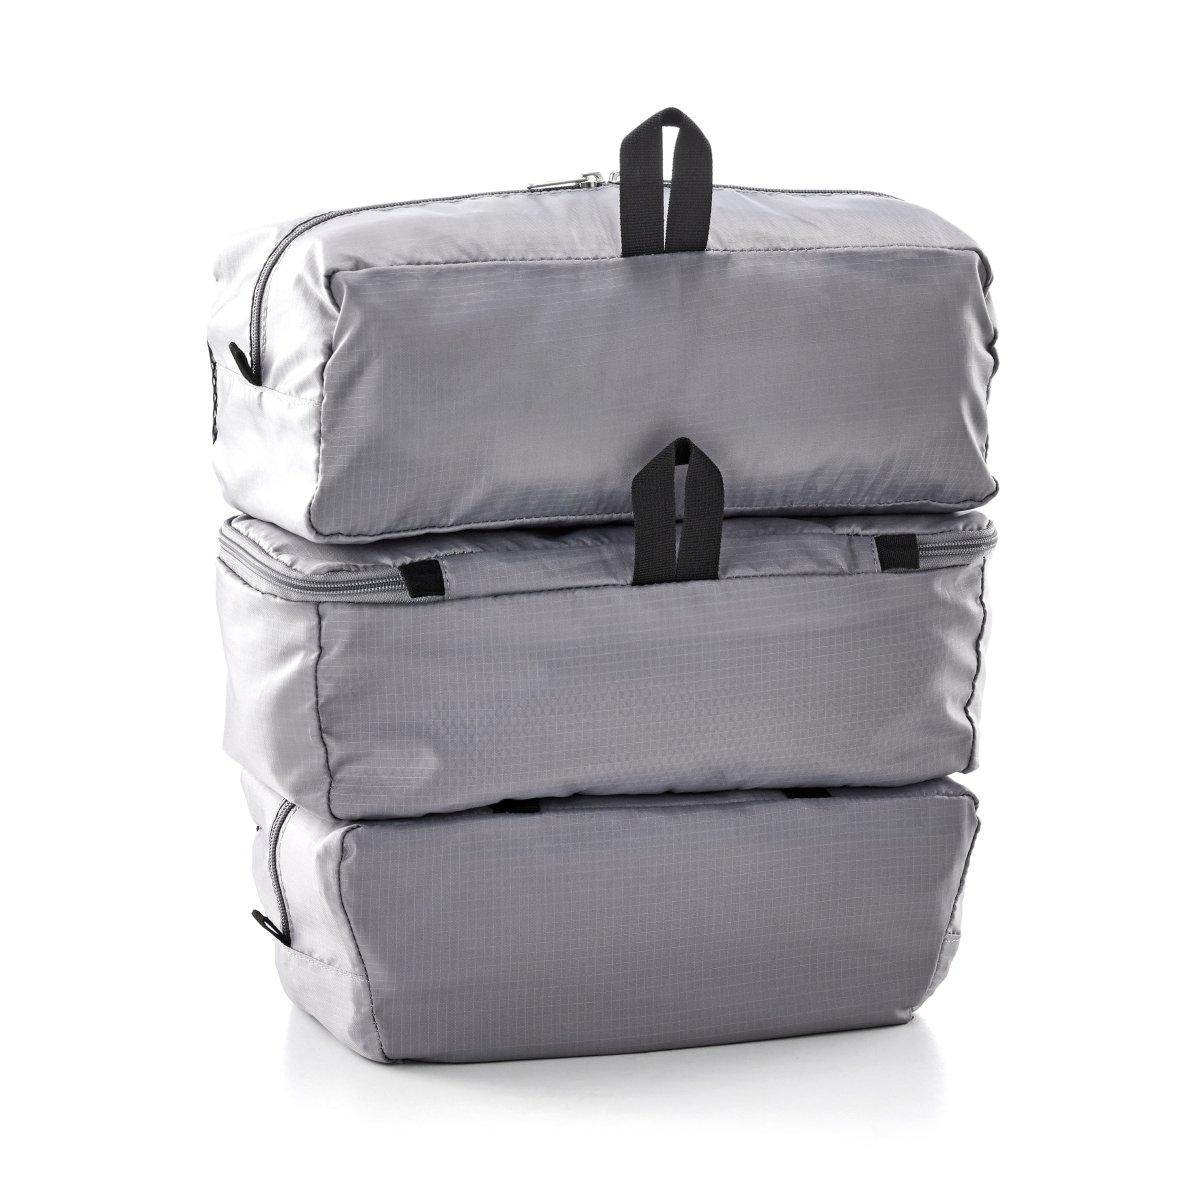 Ortlieb - Packing Cubes For Panniers, Organizer für Radtaschen